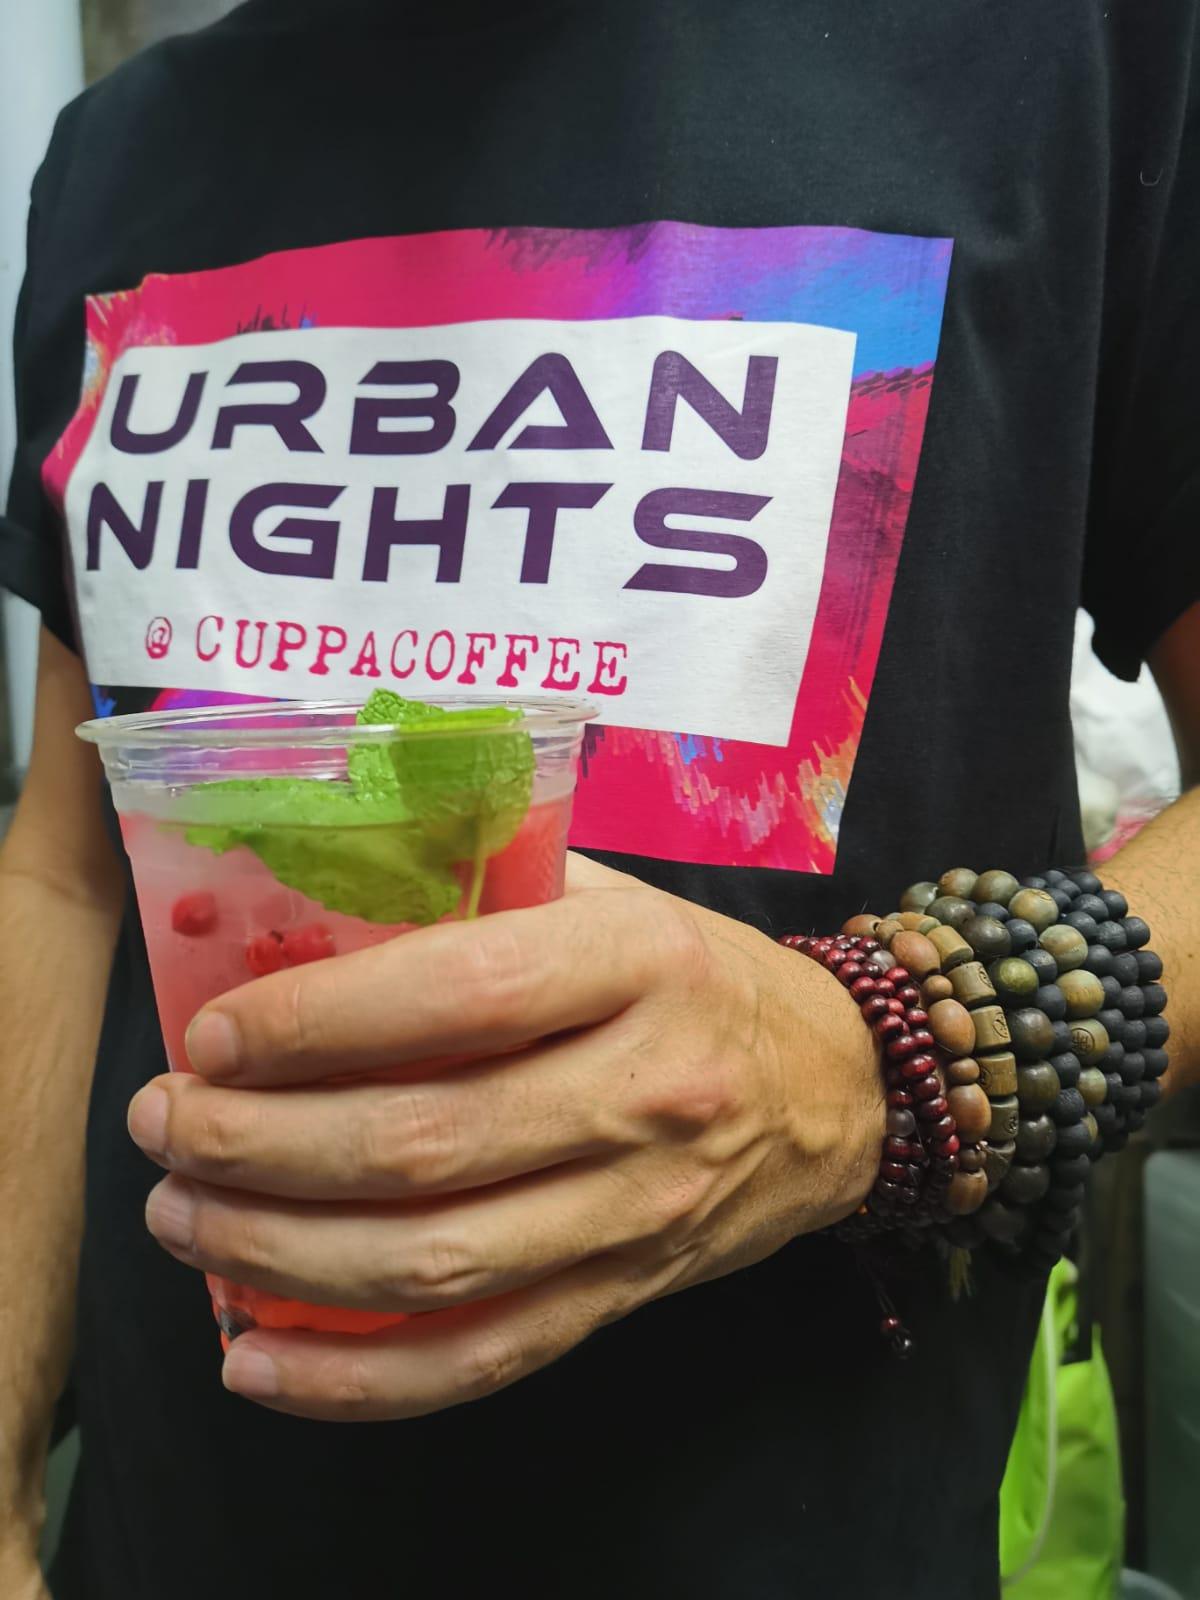 Urban Nights | Iniciativas temáticas promovem negócios locais para combater a crise